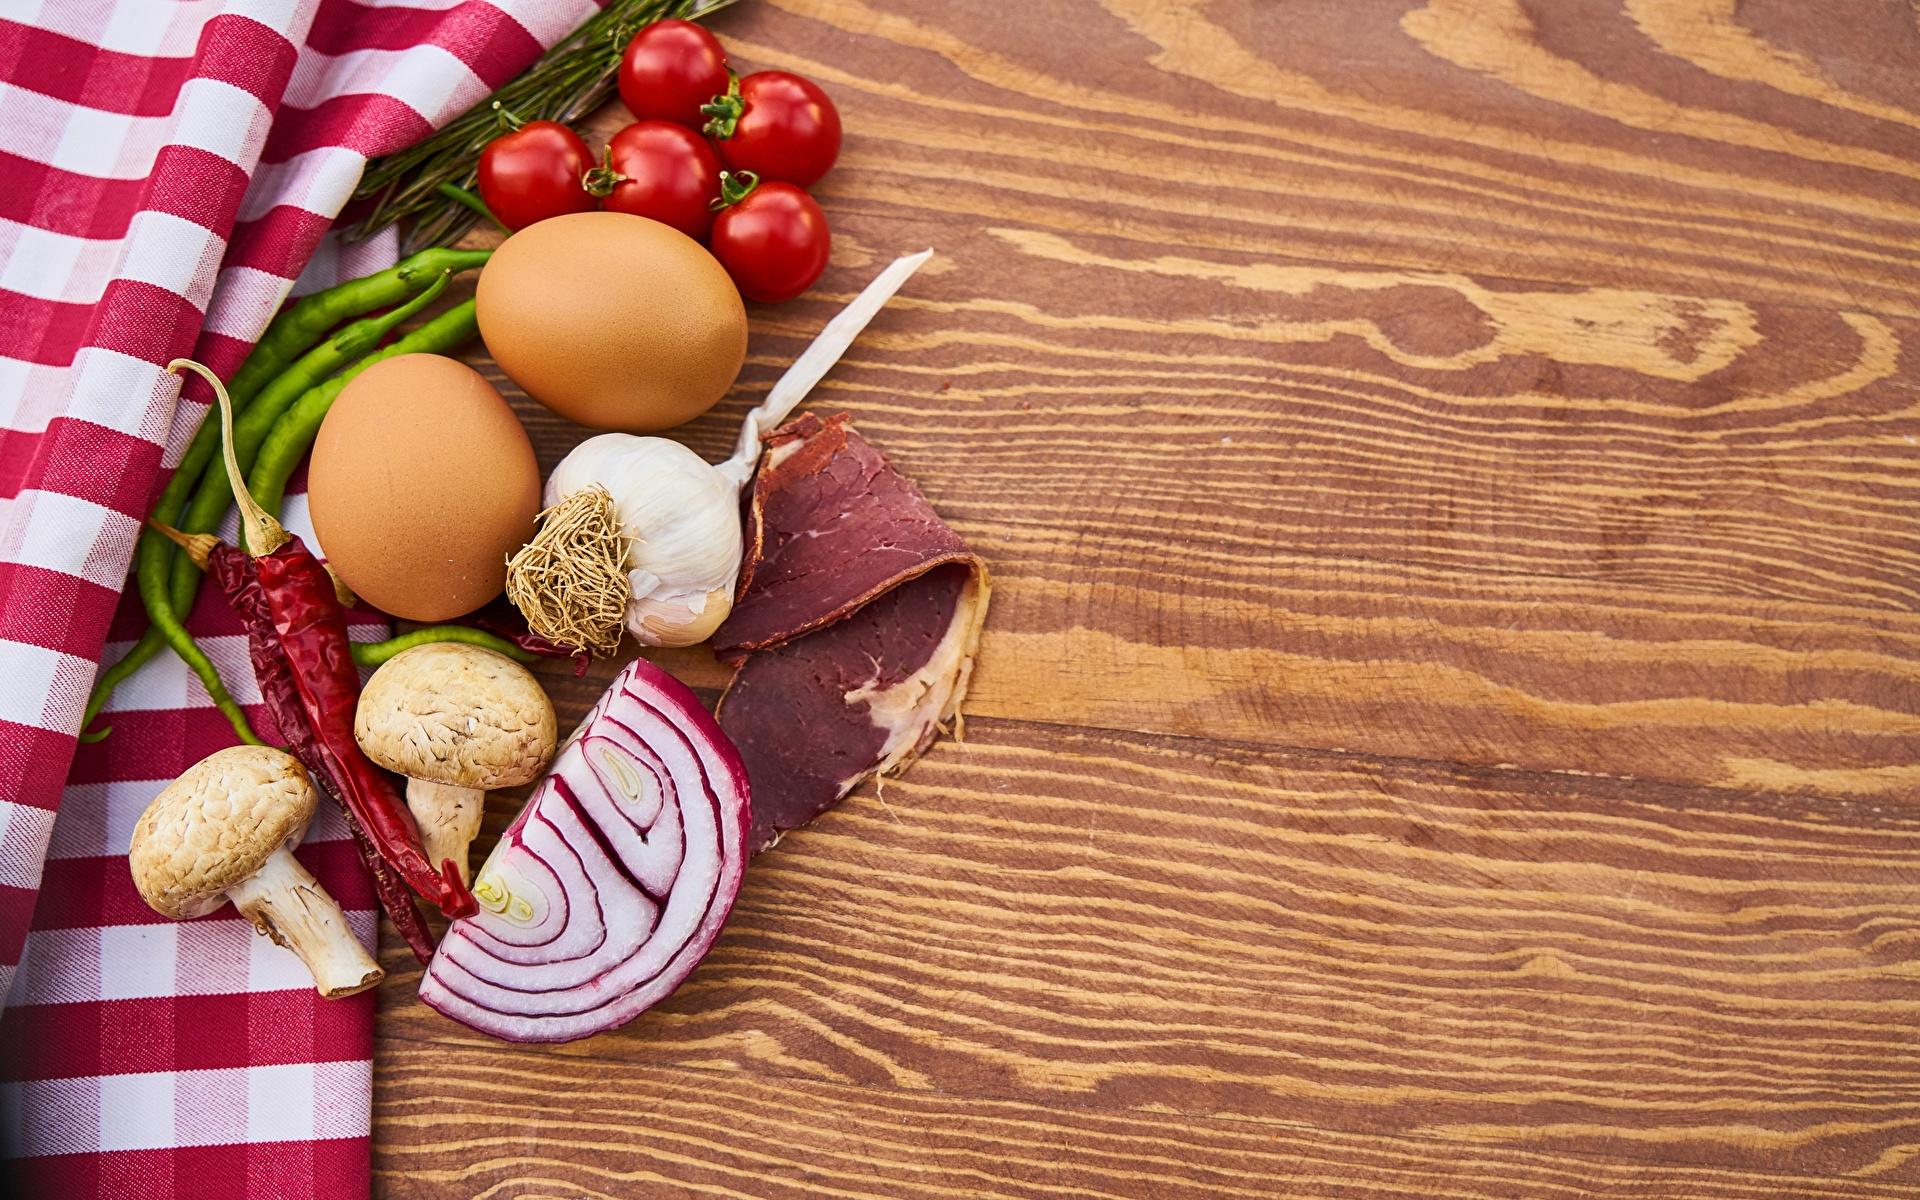 Картинки Спаржа яйцо Помидоры Лук репчатый Острый перец чили Грибы Чеснок Ветчина Еда 1920x1200 яиц Яйца яйцами Томаты Пища Продукты питания